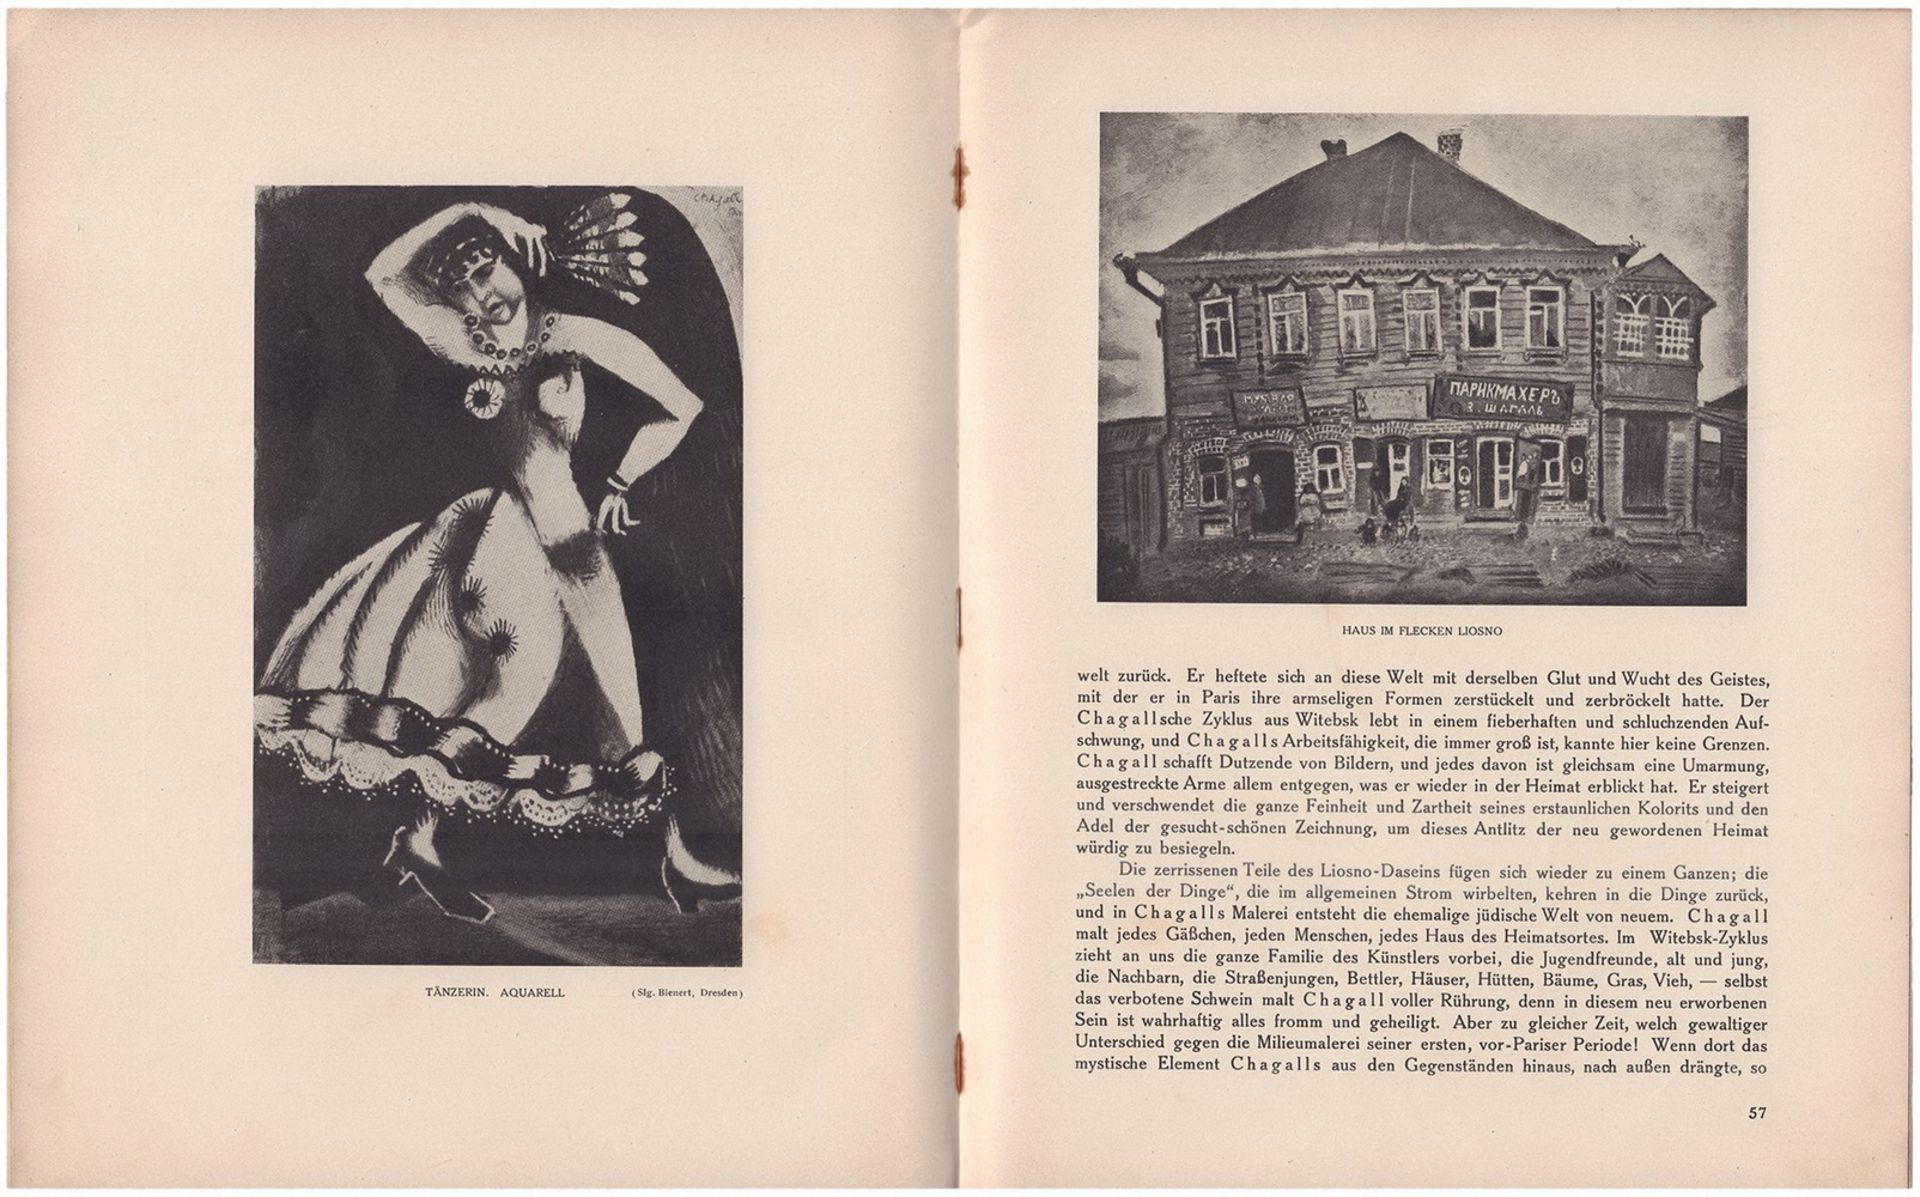 Efross, A., Tugendhold. J. Die Kunst Marc Chagalls, von A. Efross und J. Tugendhold / Autorisierte U - Bild 4 aus 4